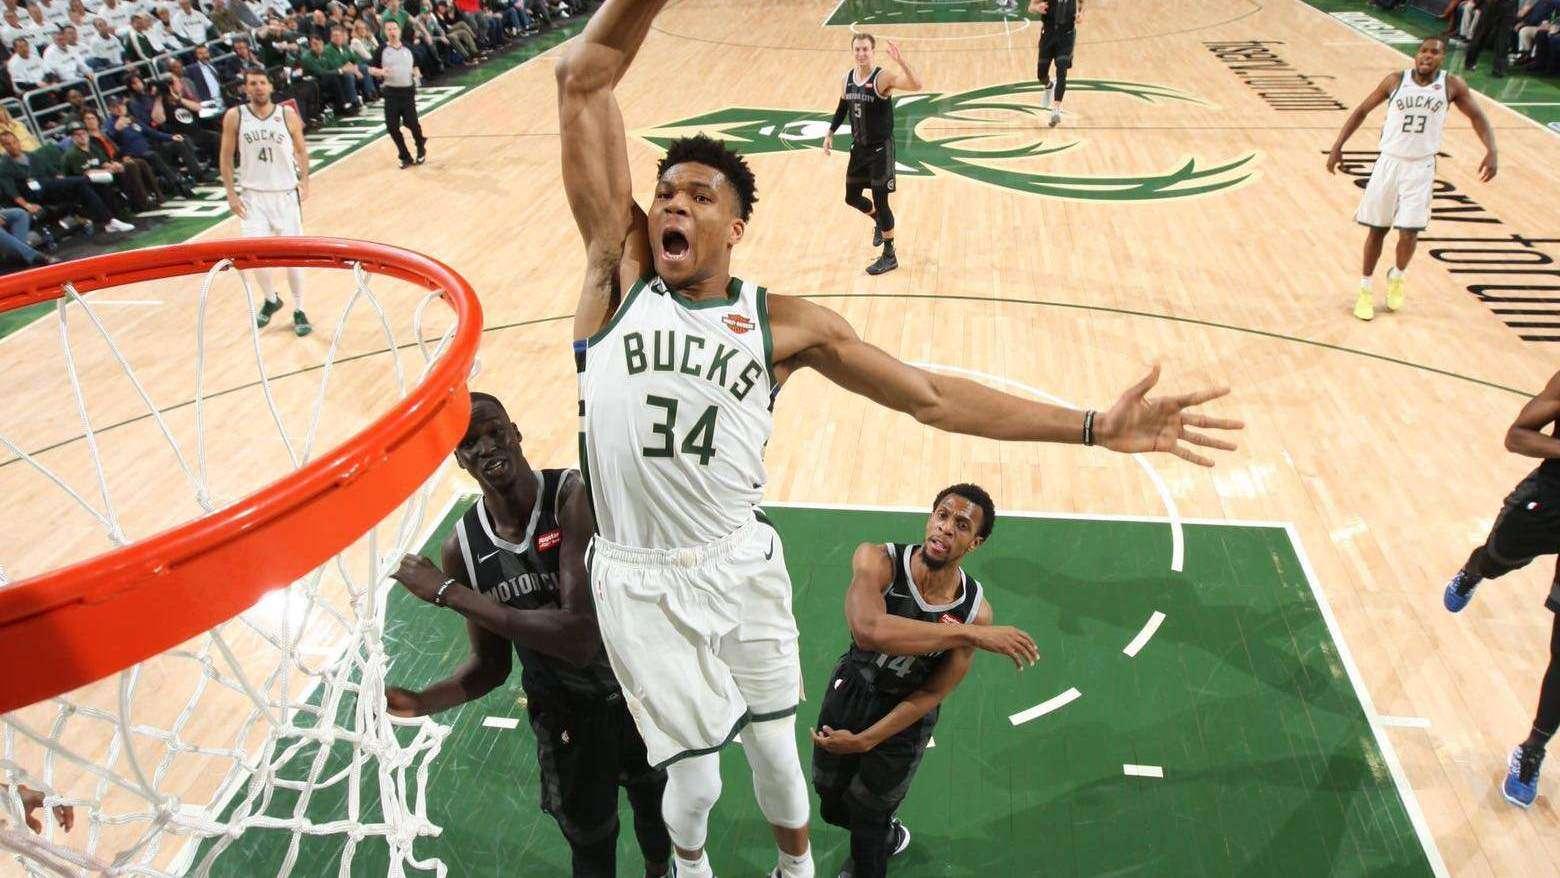 第六周NBA十佳镜头 詹姆斯追身夺命血帽哈雷尔干拔补篮续弦_TOP时刻